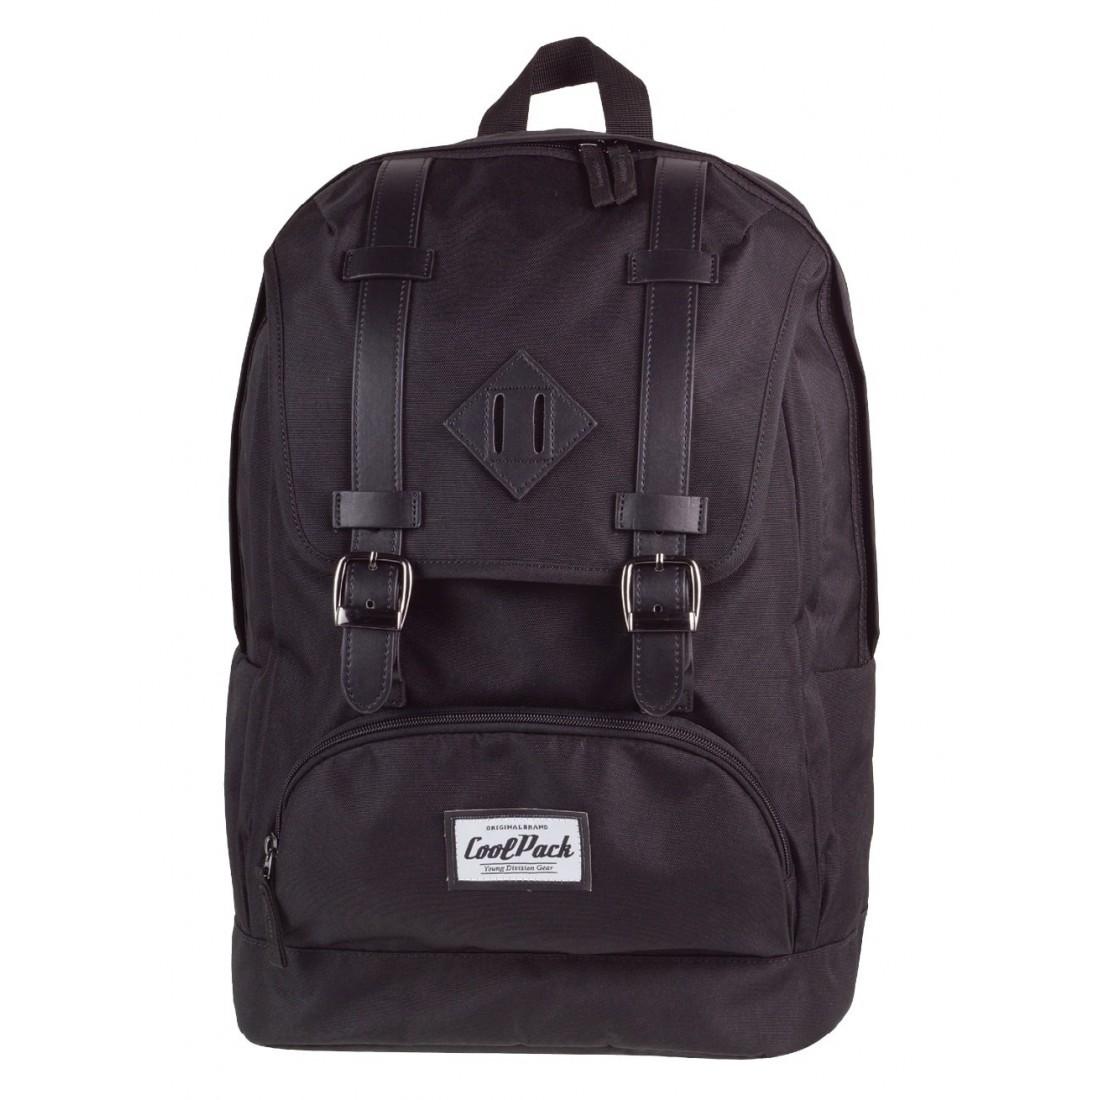 bf2e342915f55 Miejski plecak CoolPack vintage City 1020 Black dla chłopaka ...